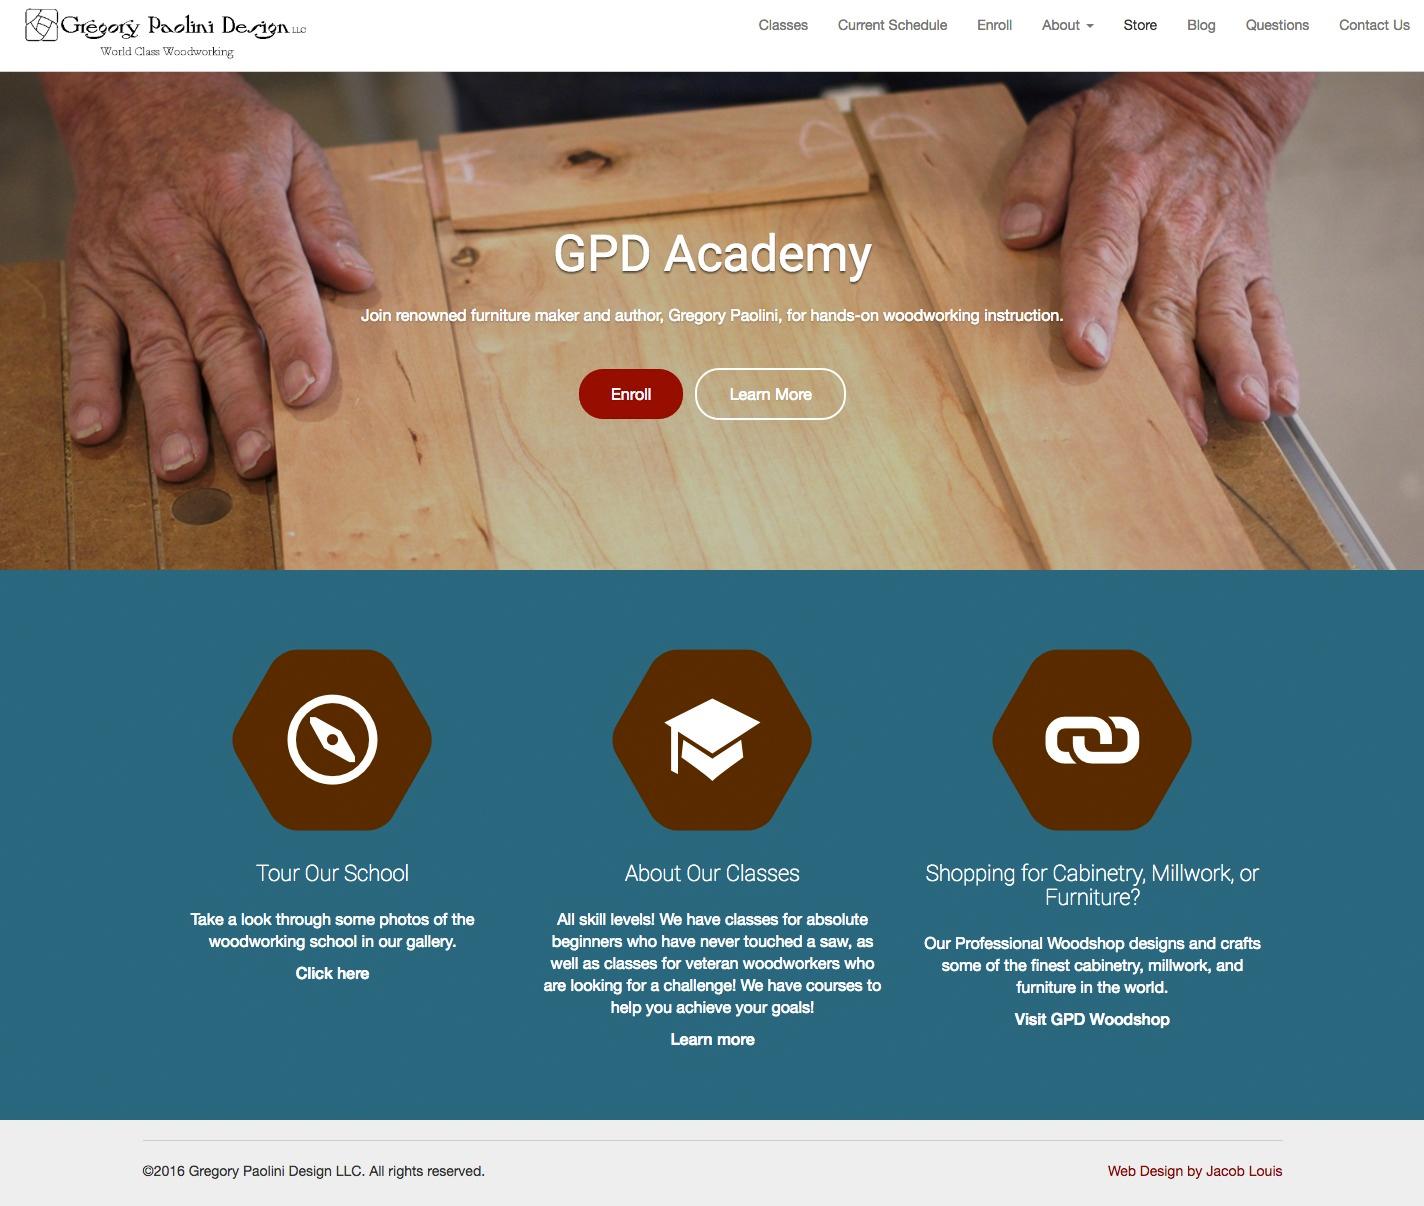 gpd-academy